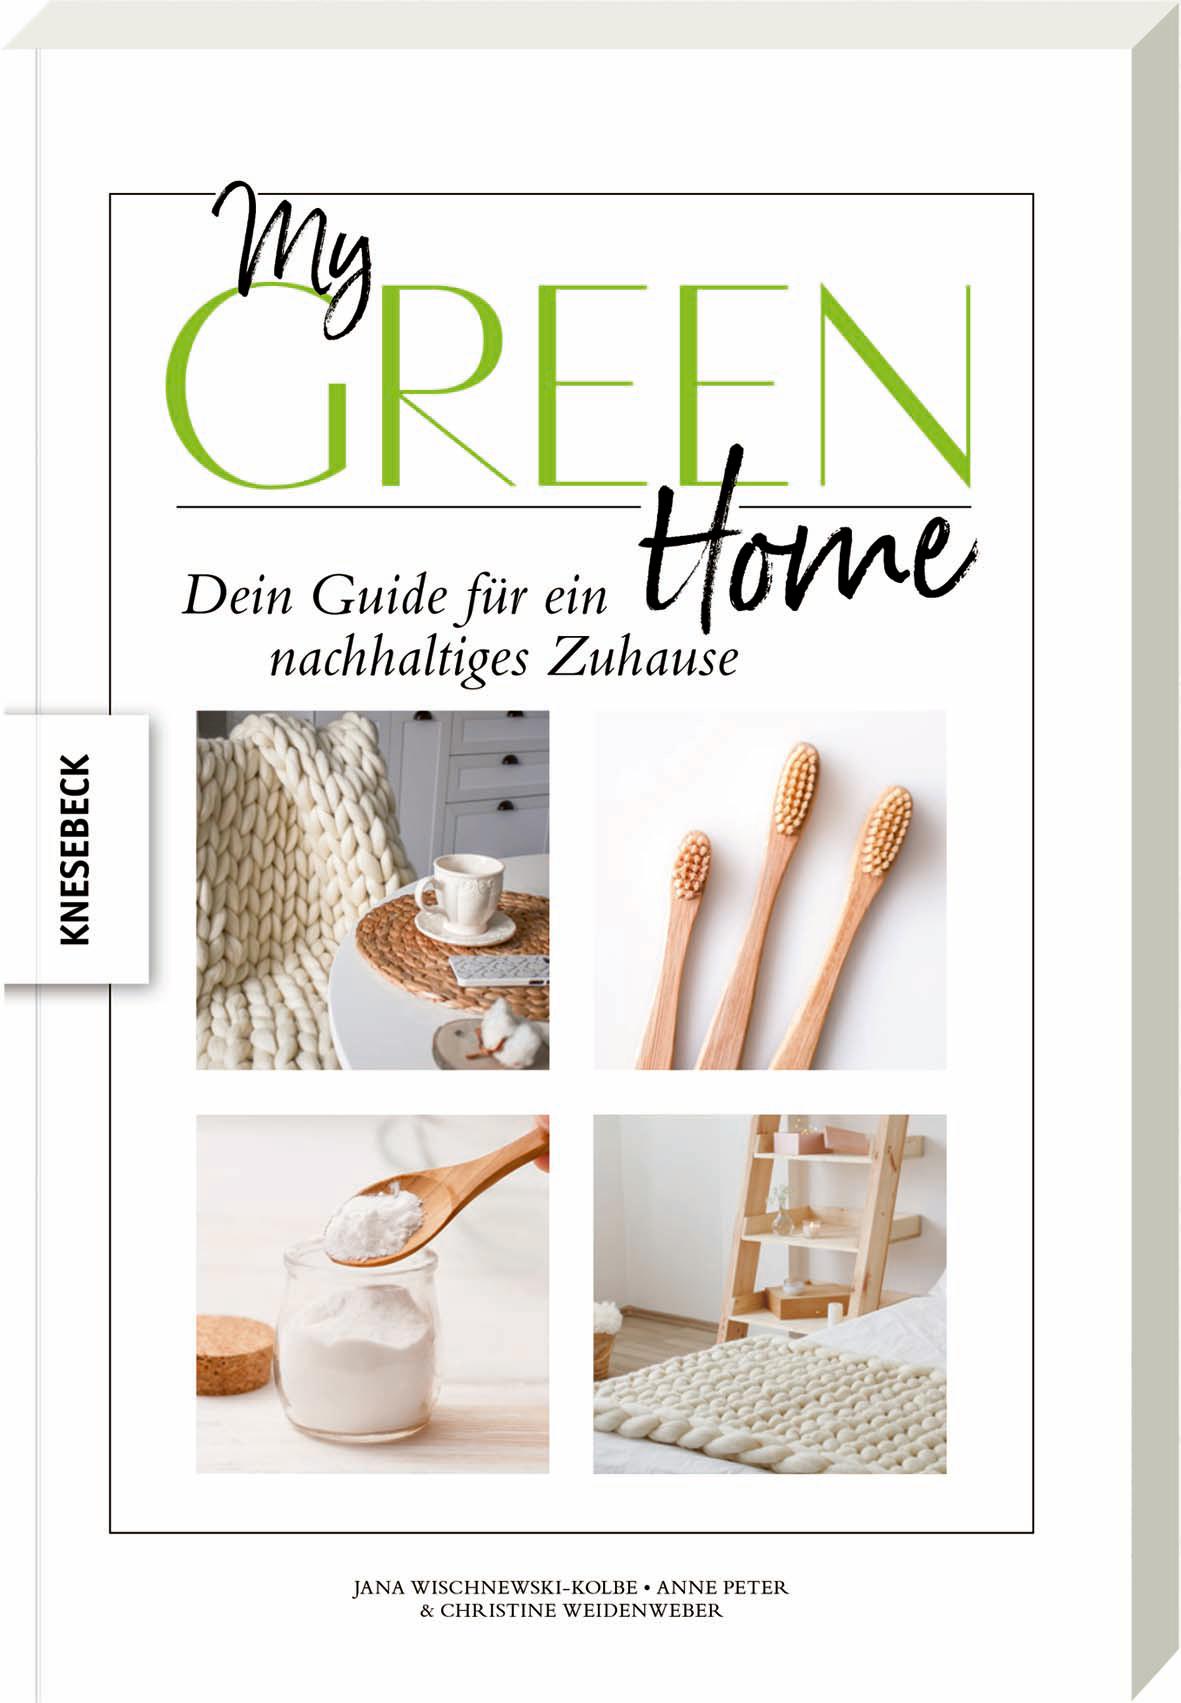 Cover »My green home« von Christine Weidenweber, Jana Wischnewski-Kolbe, Anne Peter, Knesebeck Verlag